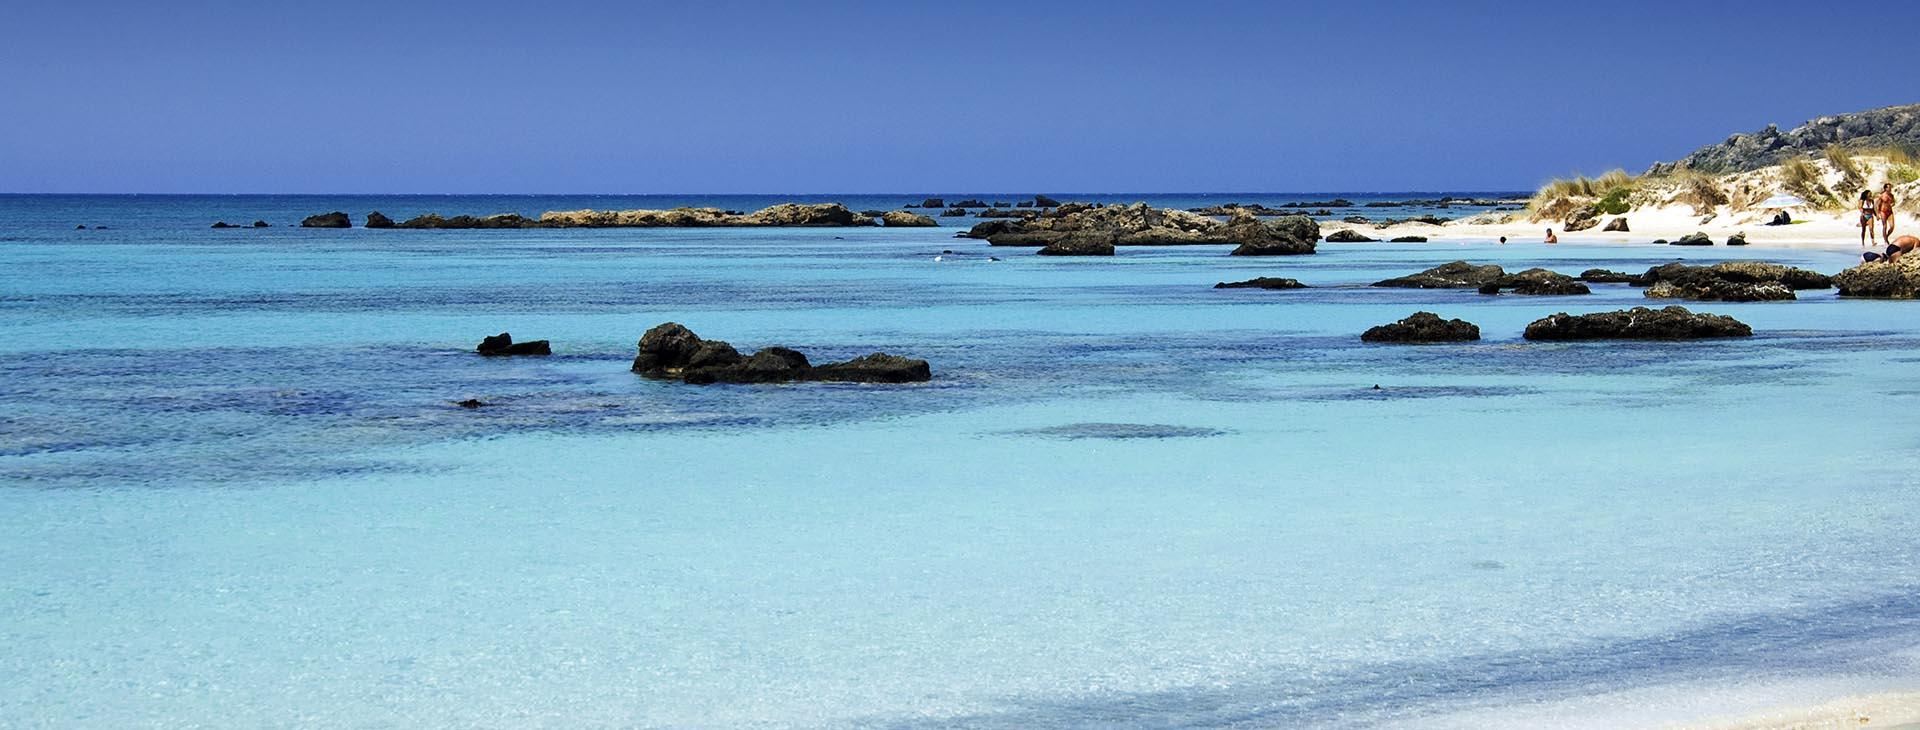 A beach of Rethymnon